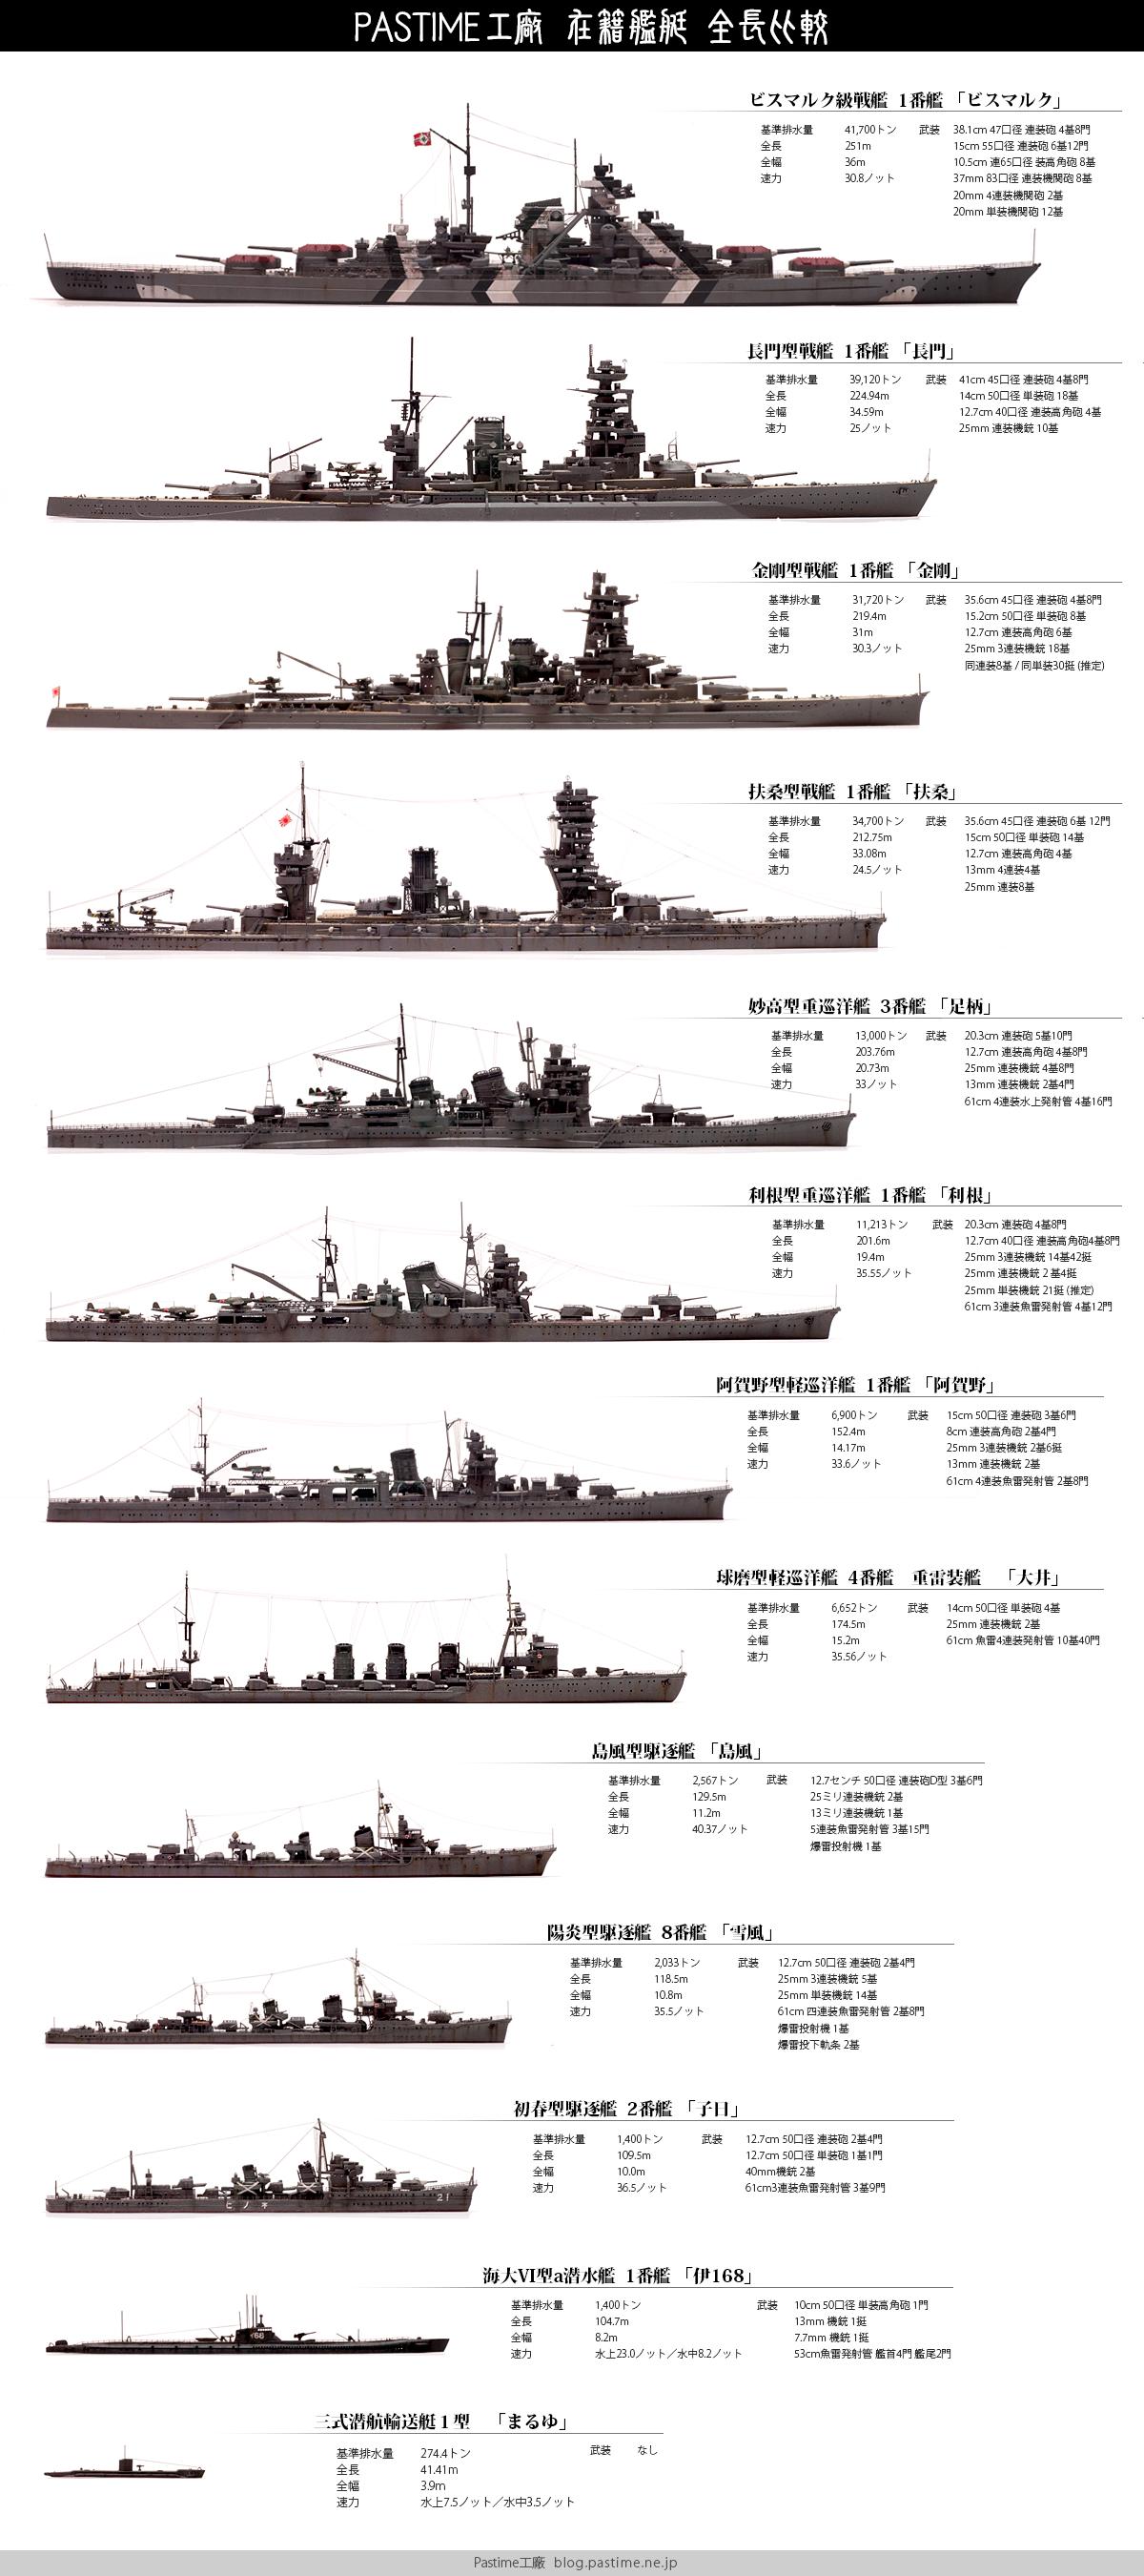 1/700 軍艦 サイズ比較